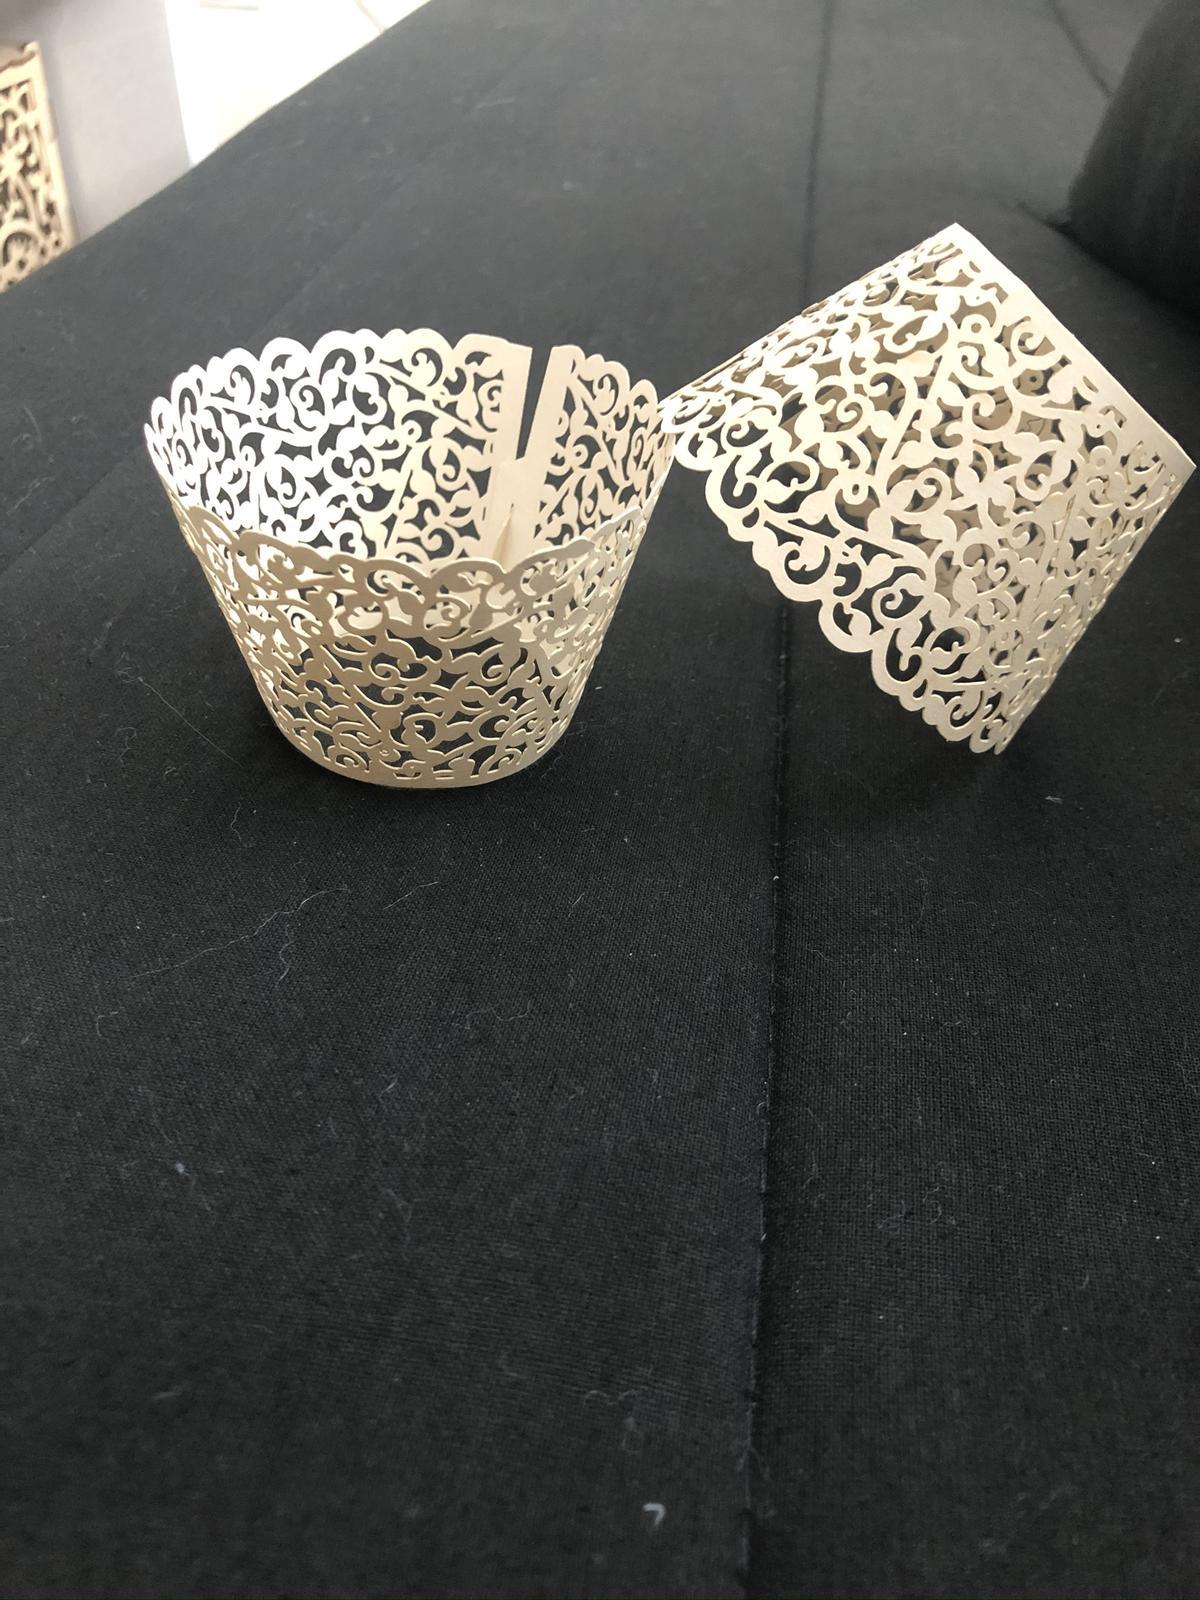 Ivory obal na cupcaky - Obrázek č. 1